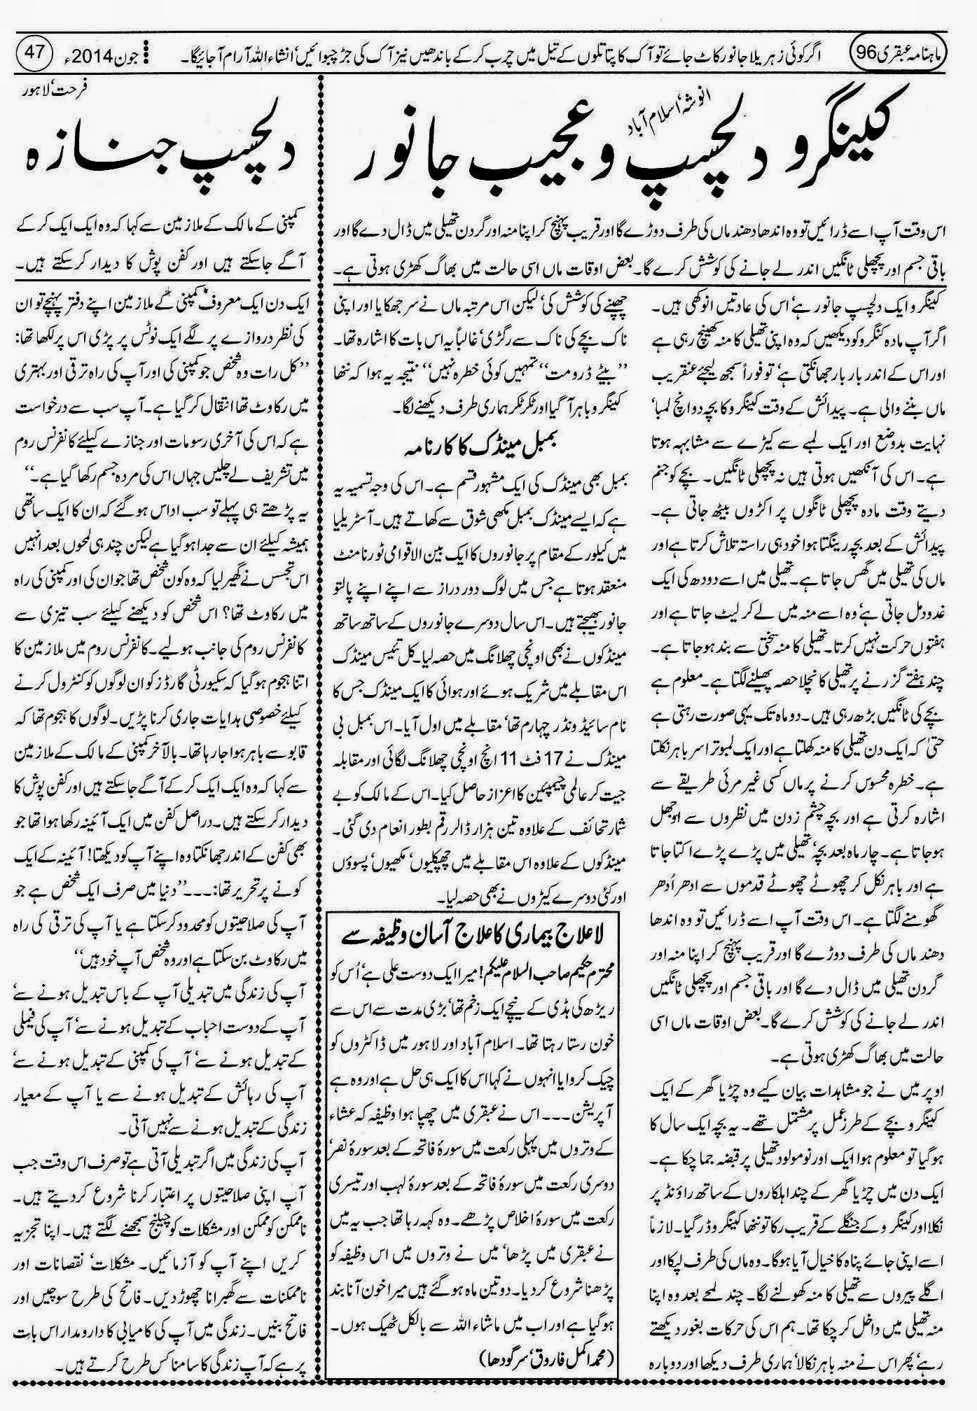 ubqari june 2014 page 47